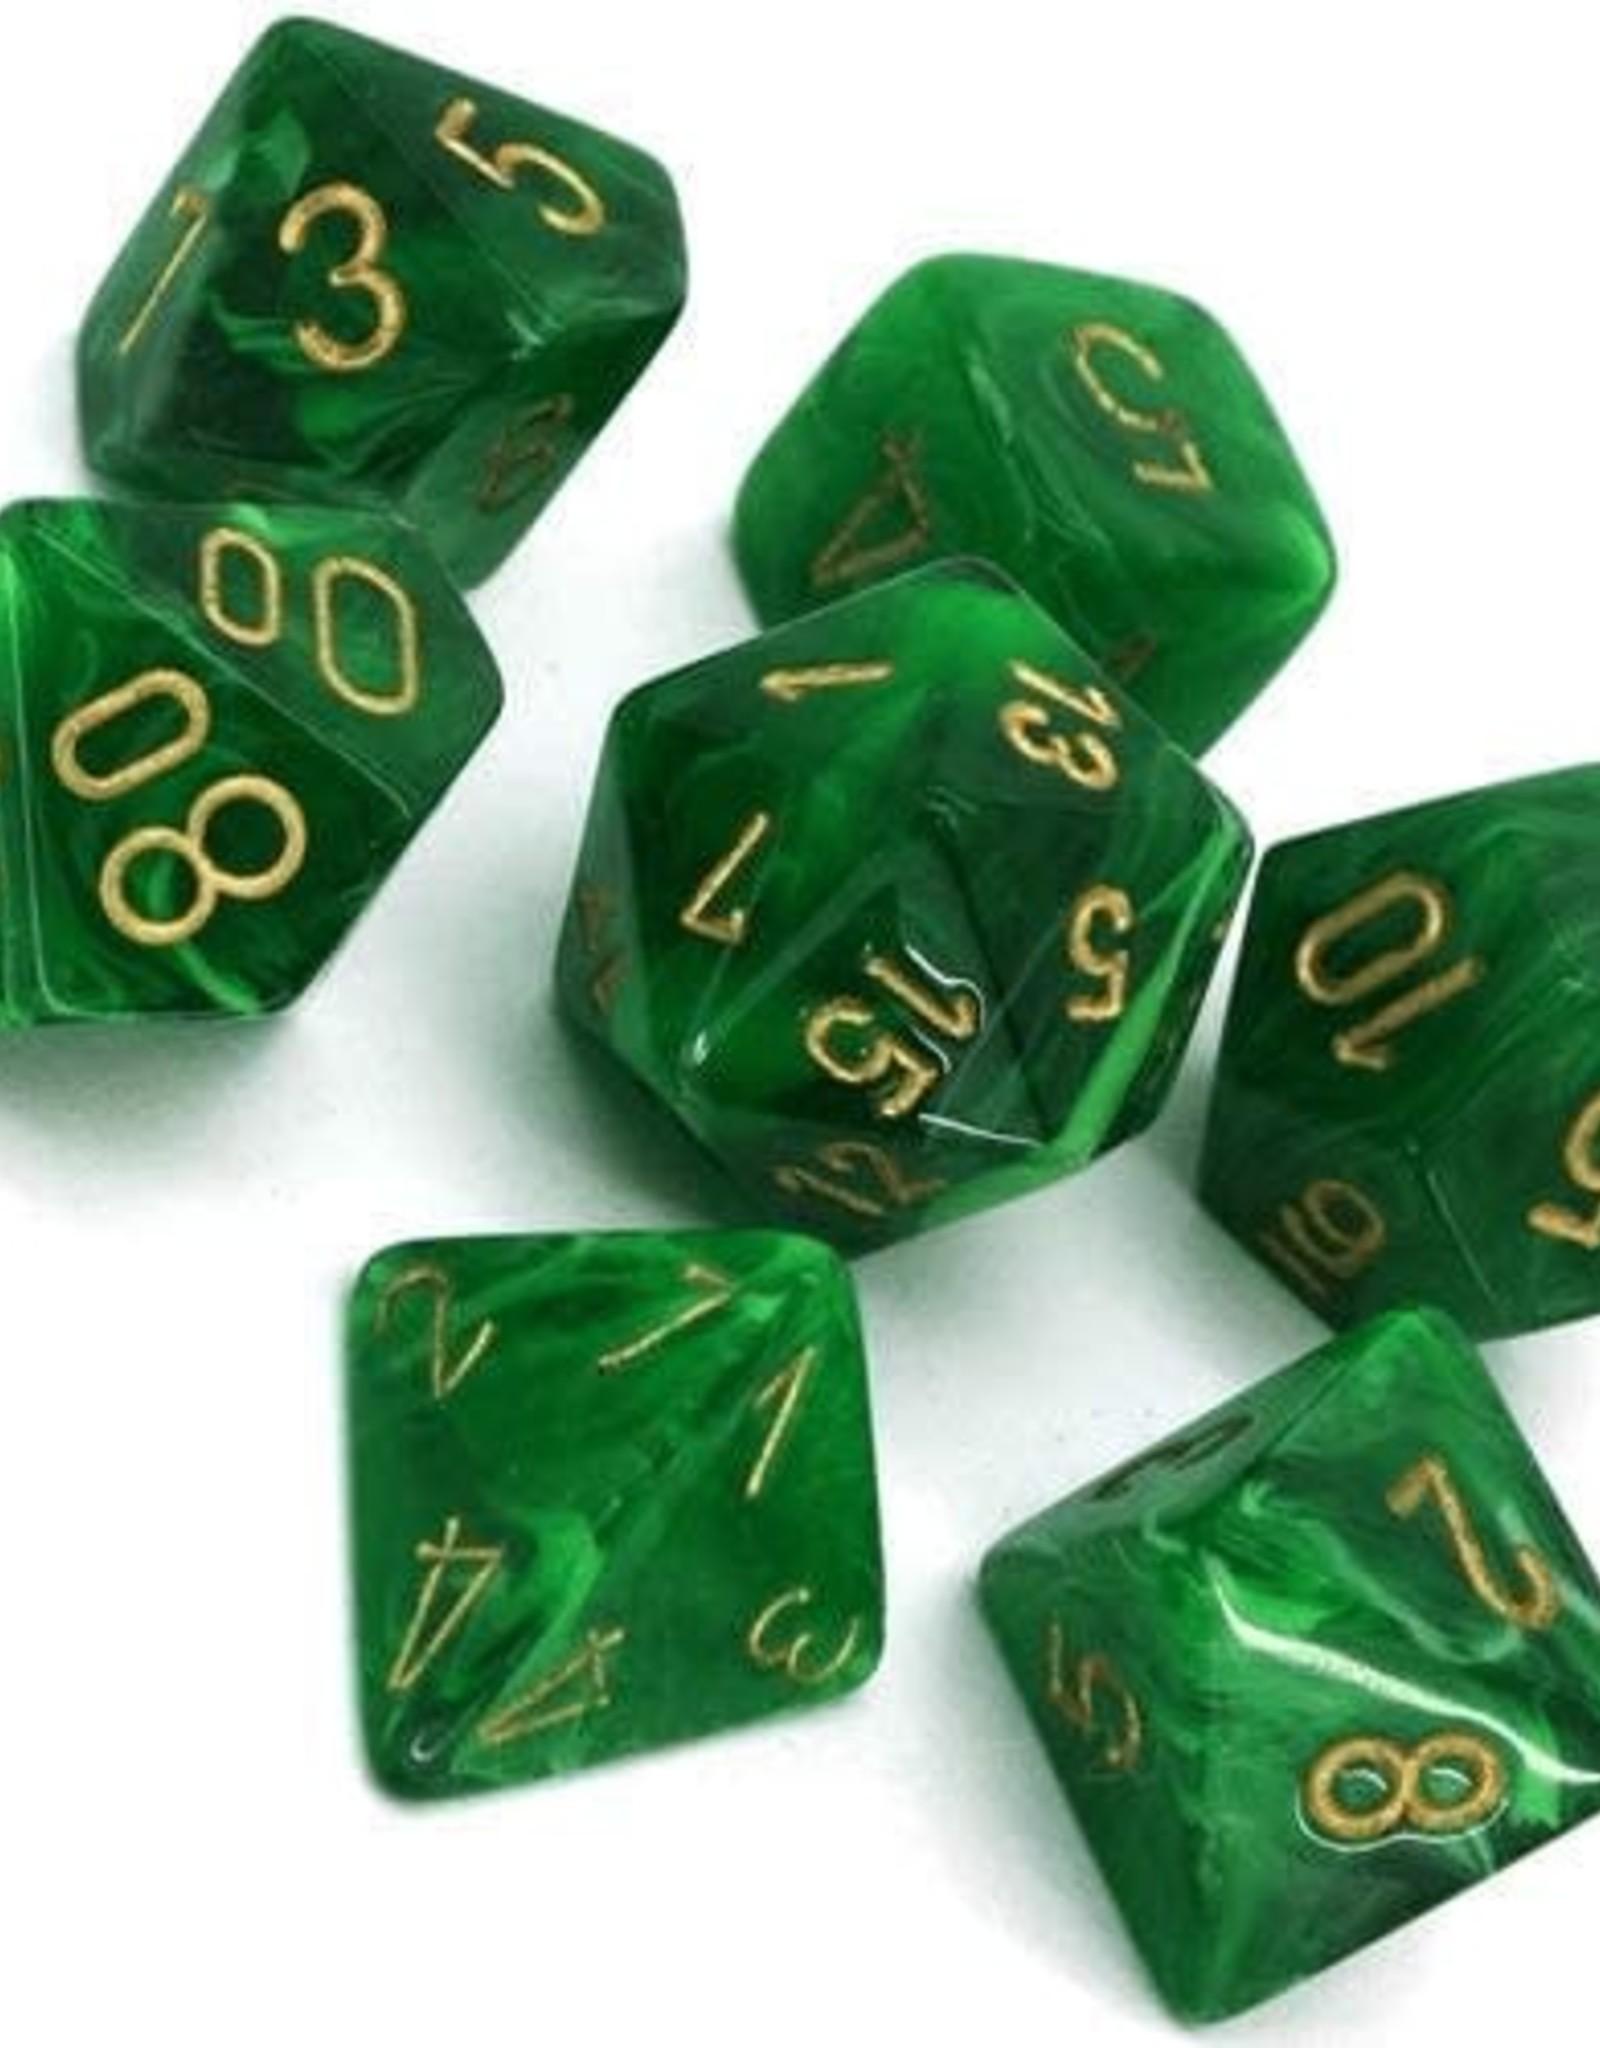 Chessex Vortex Poly 7 set: Green w/ Gold